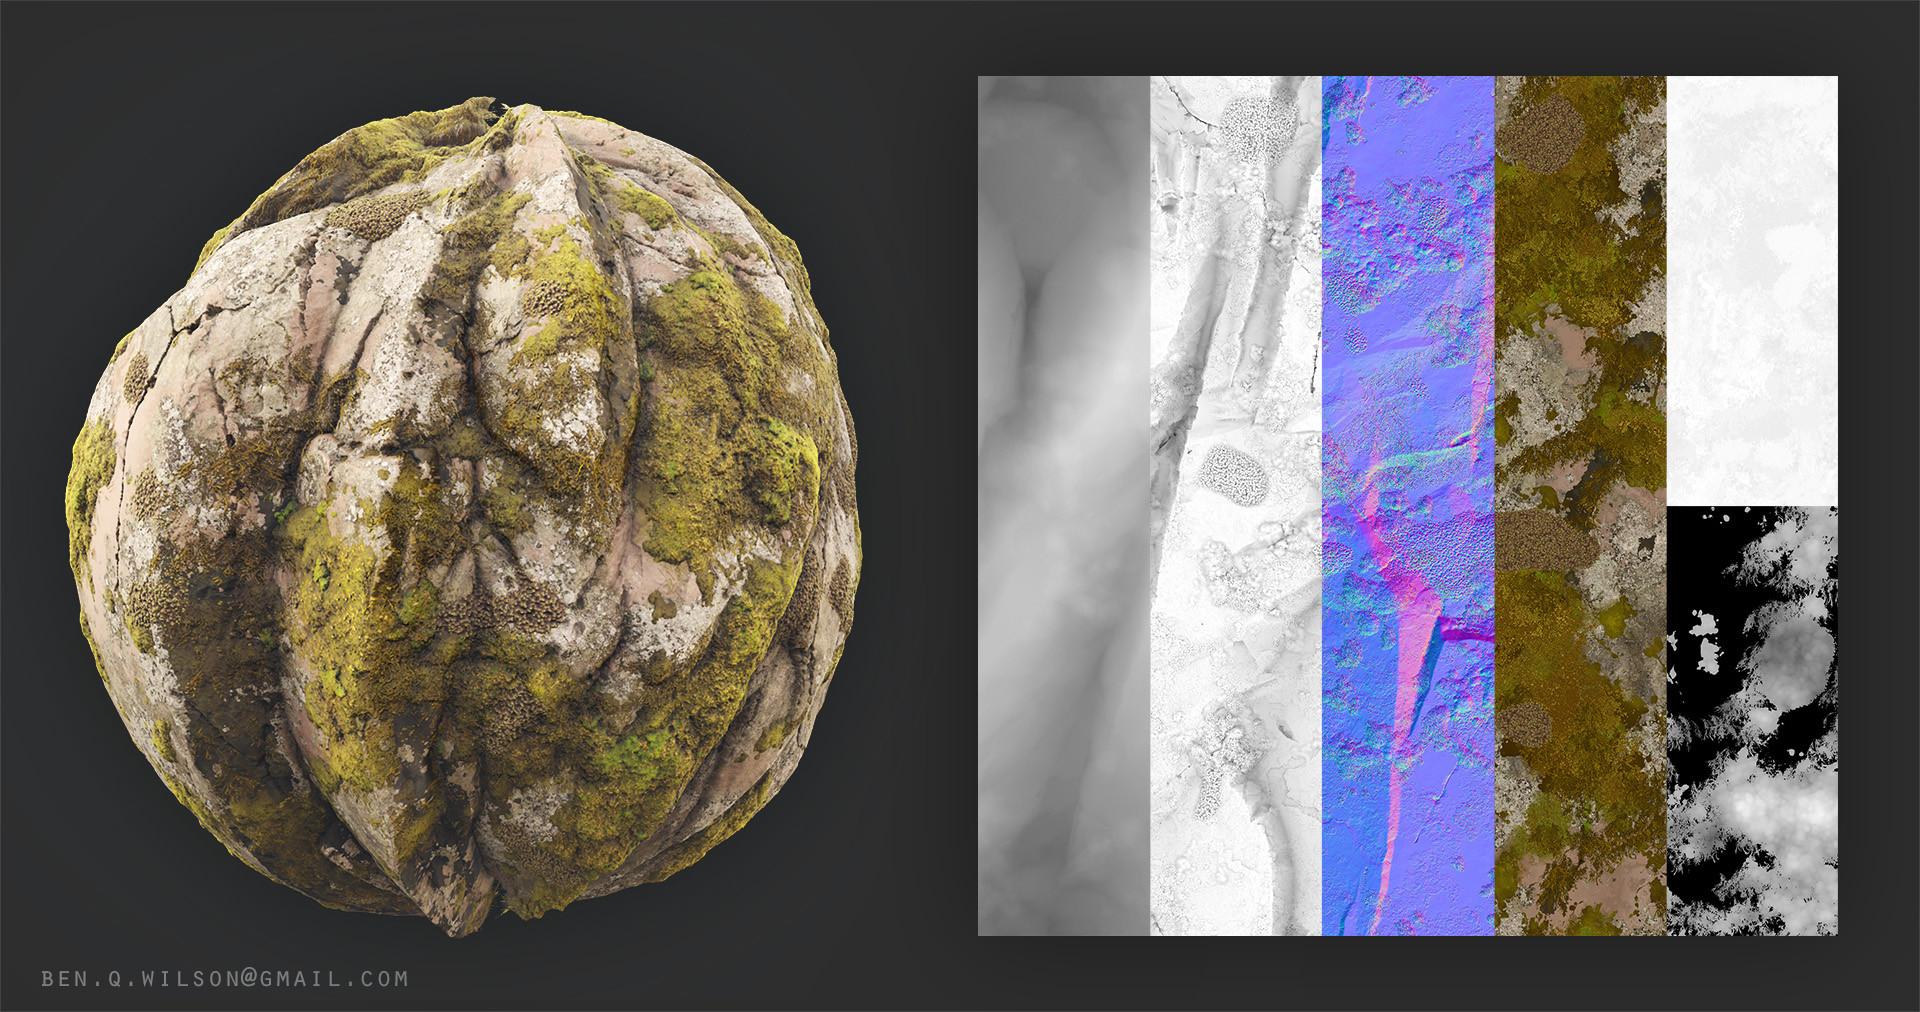 Ben wilson moss rock texture flats b